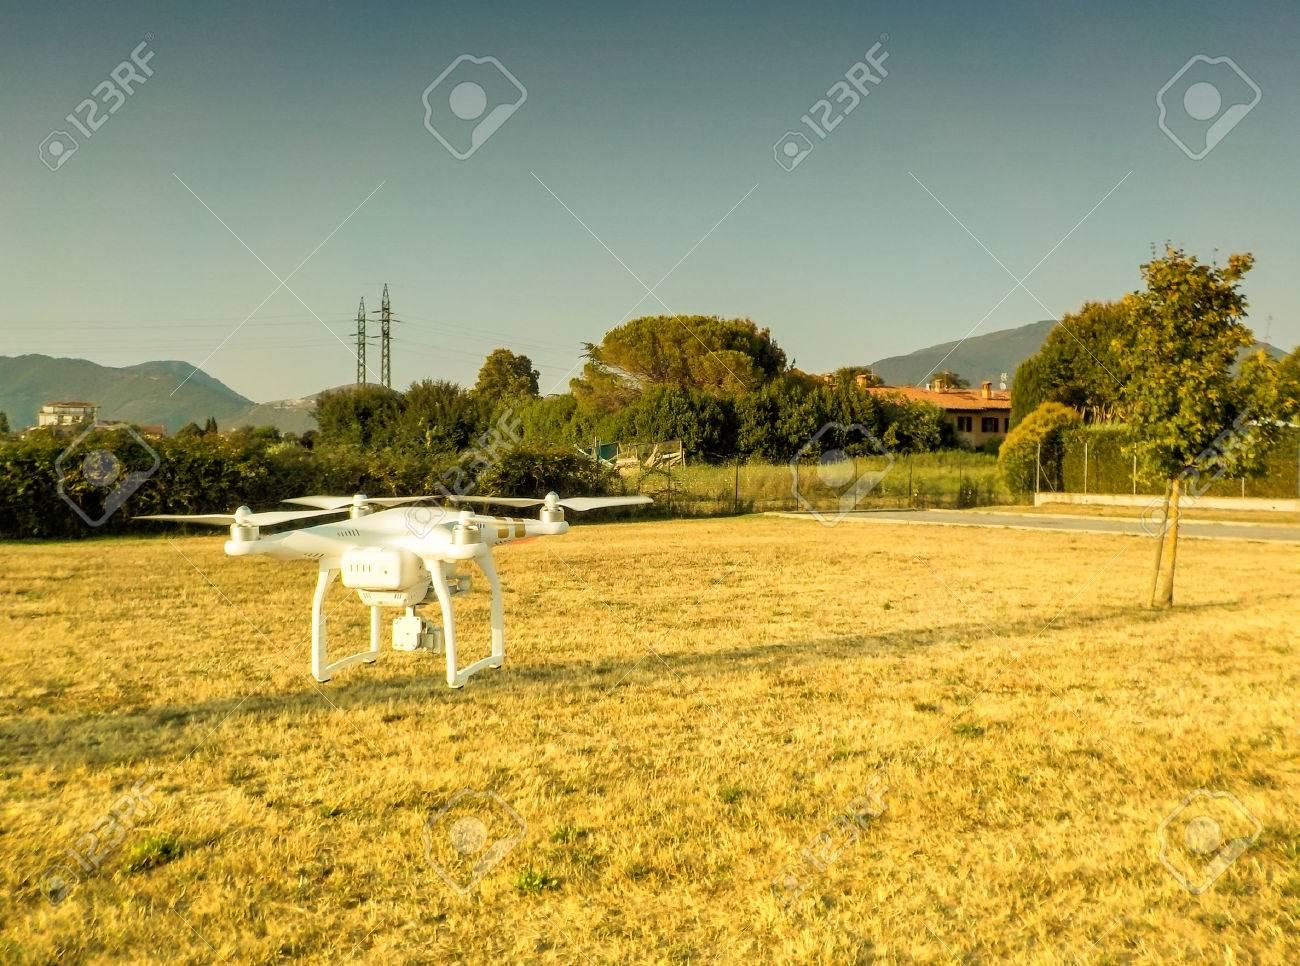 Drone planant sur la campagne paysage. Banque d'images - 43089784